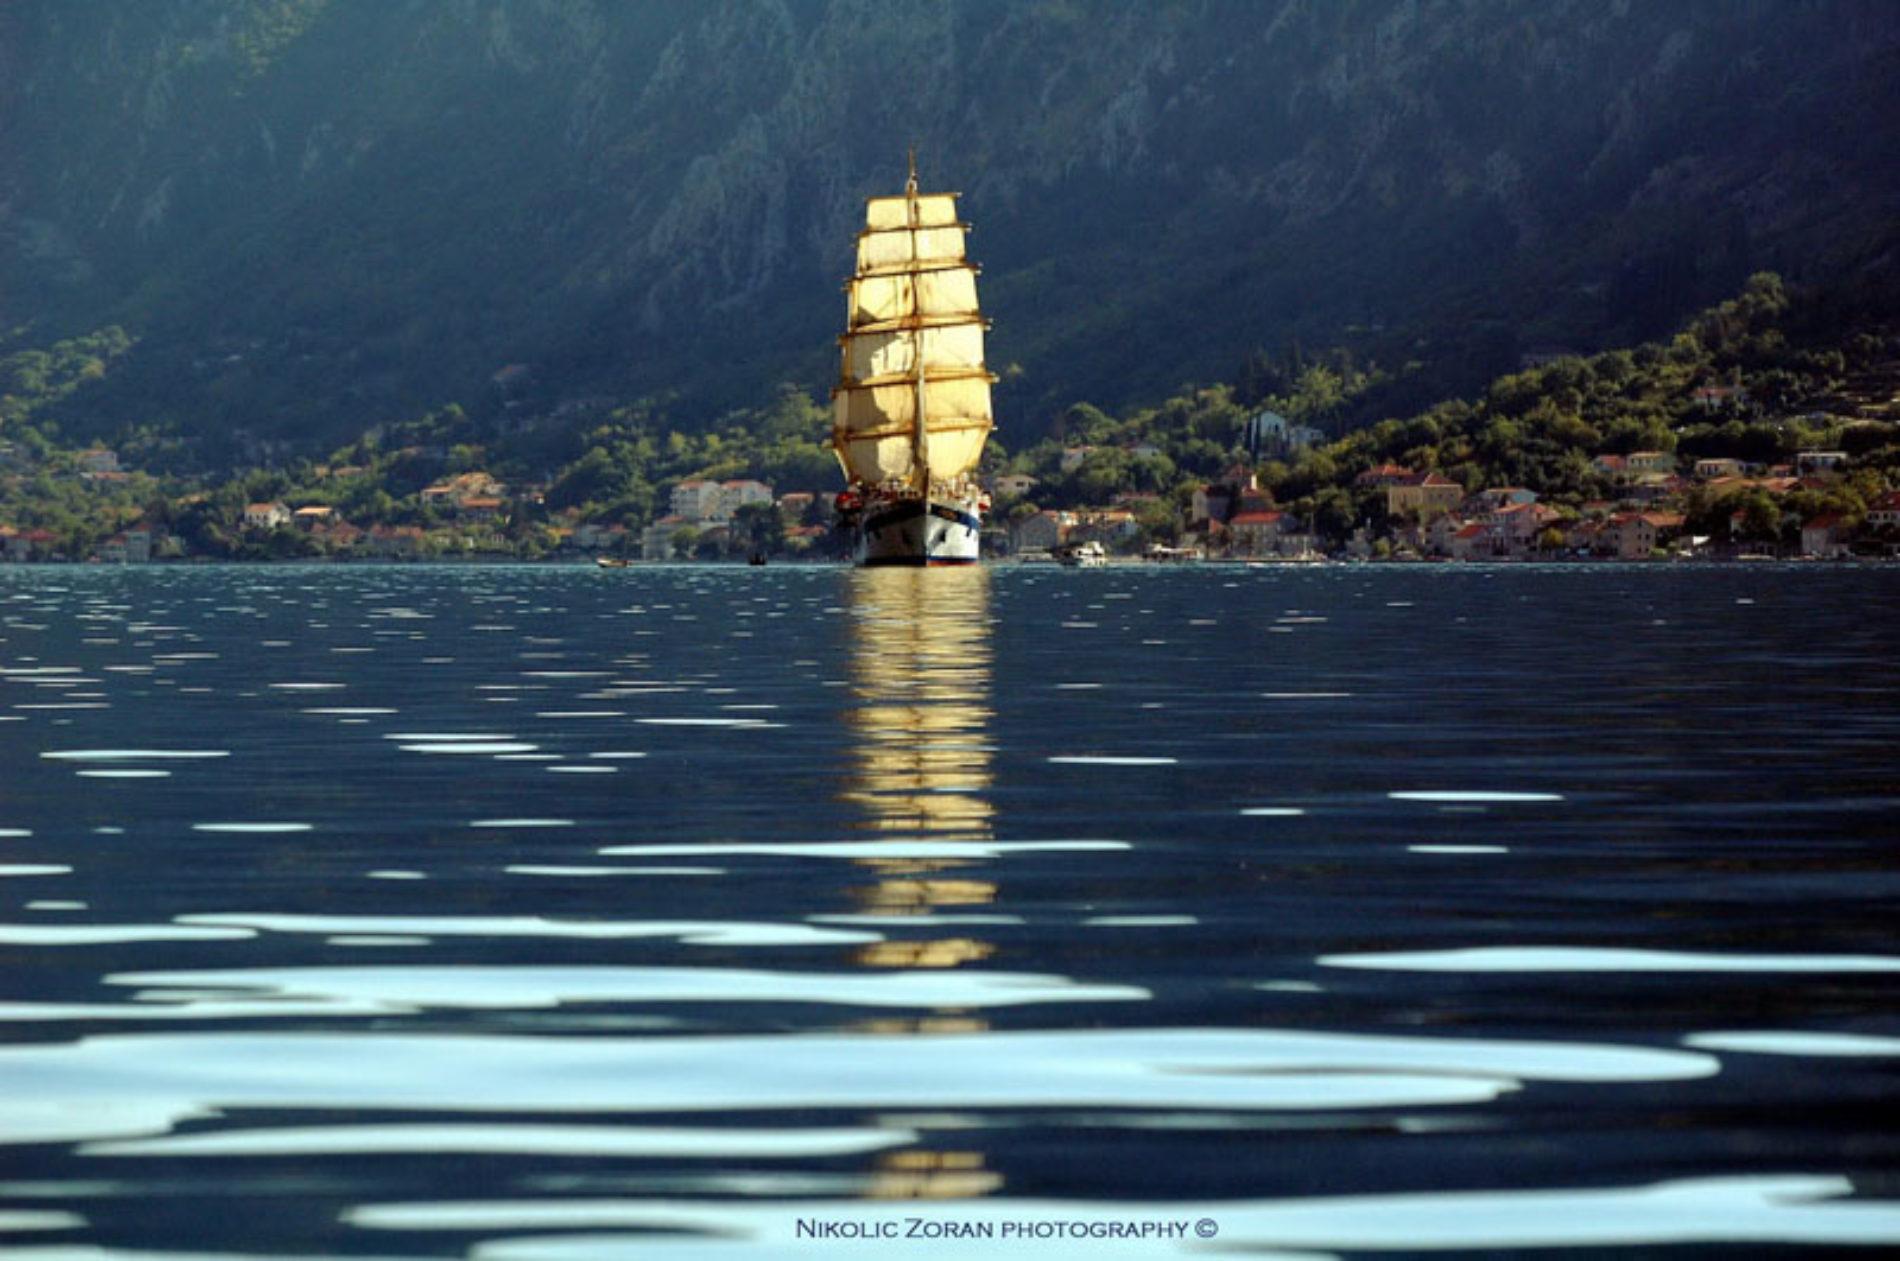 Mornarica, brodogradilišta i trgovačke luke Bosanskoga kraljevstva